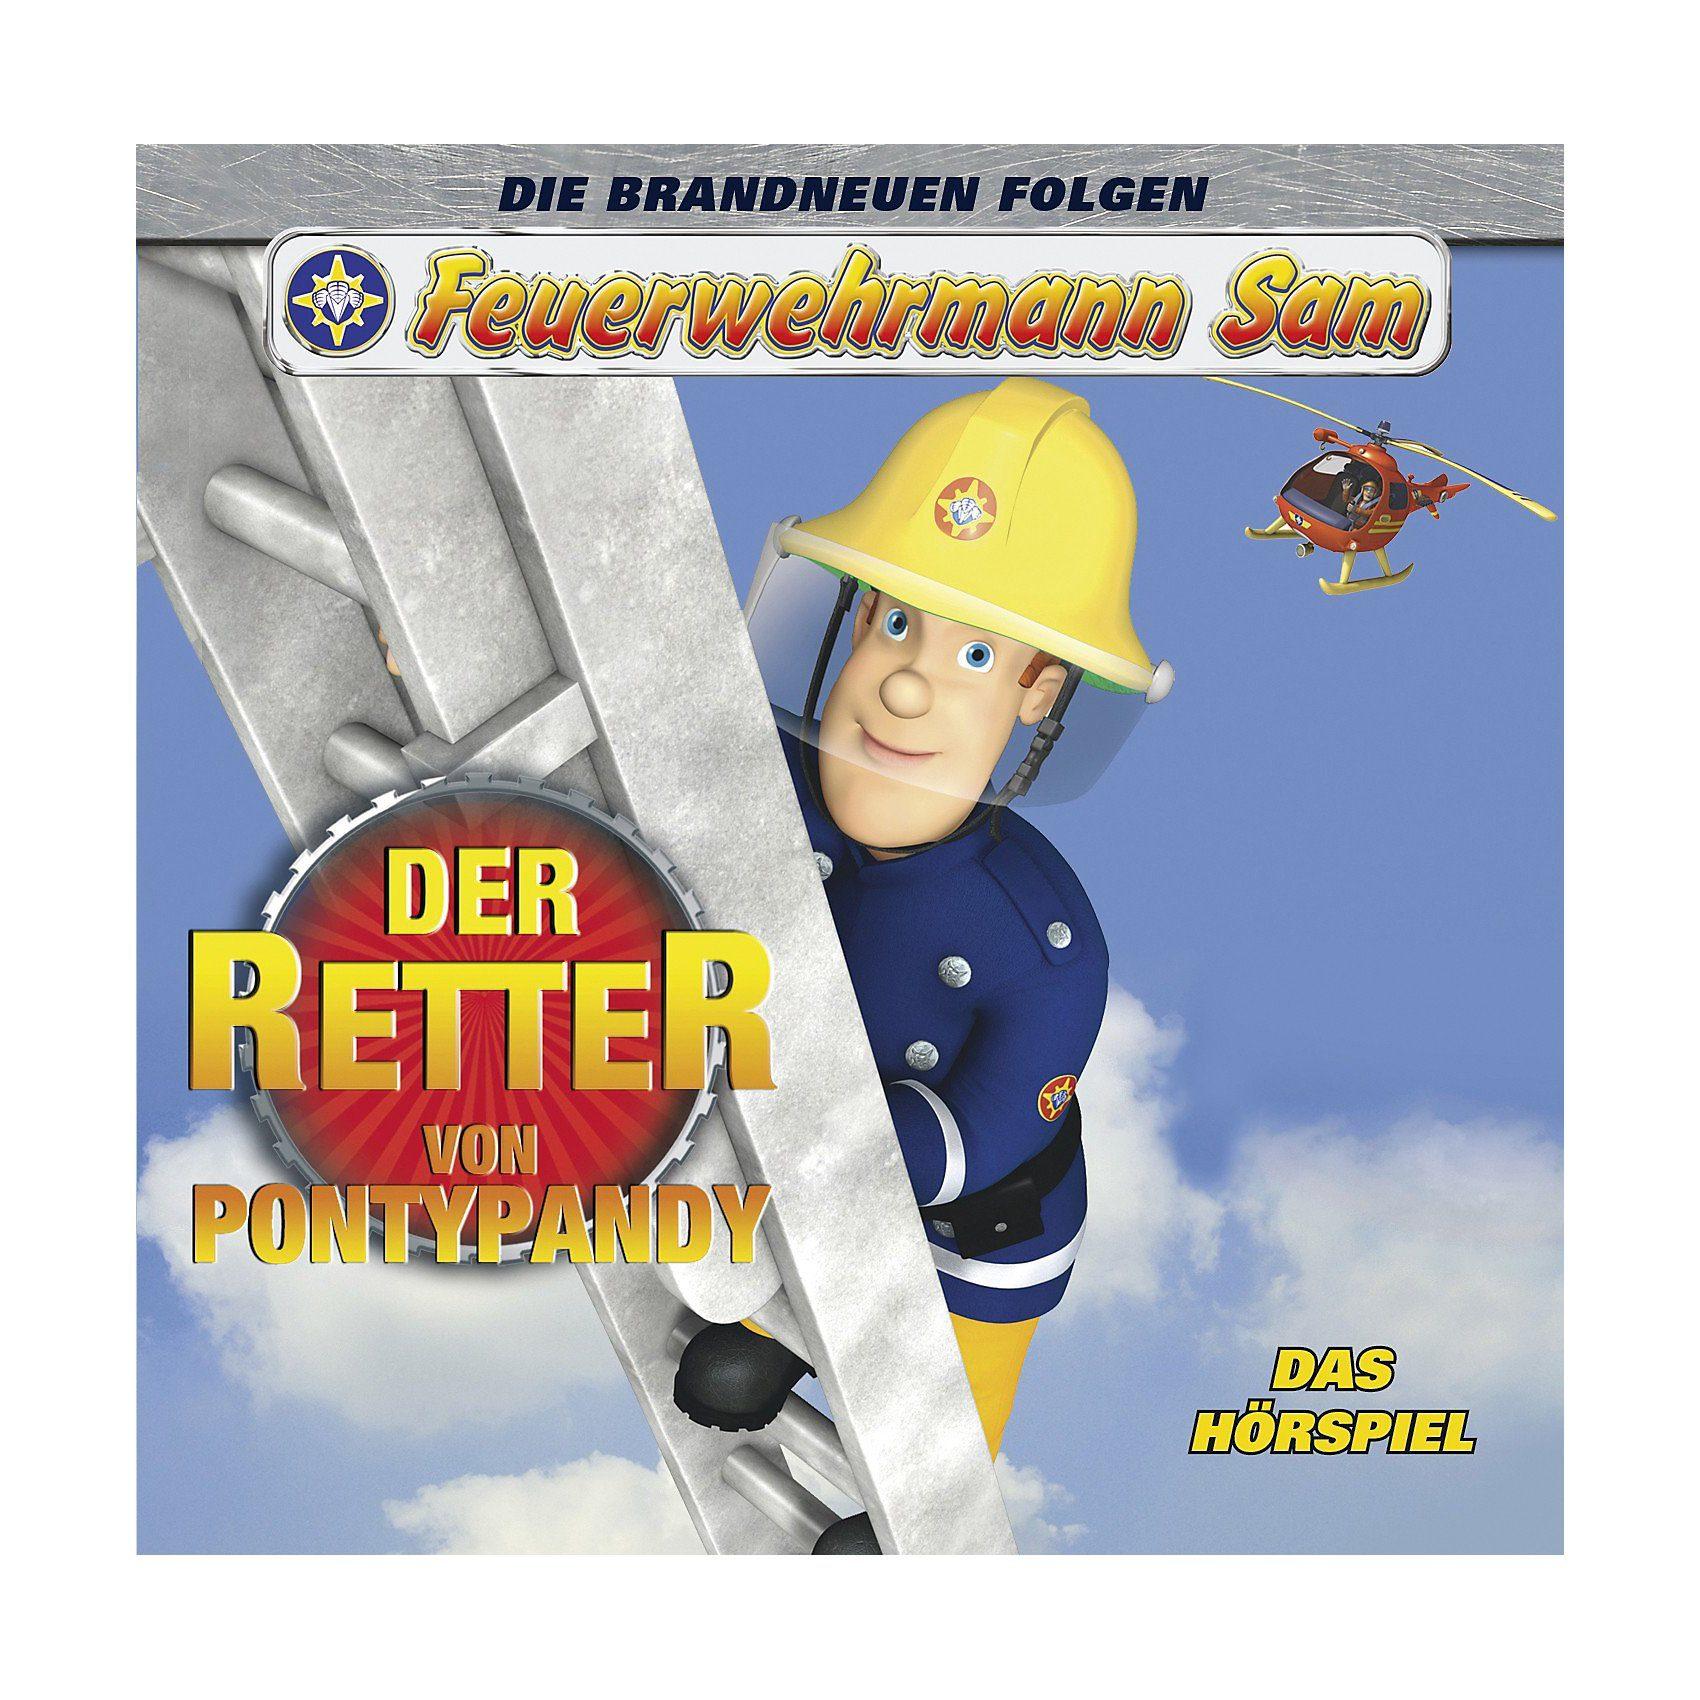 Just Bridge Entertainment CD Feuerwehrmann Sam - Der Retter von Pontypandy Hörspiel (S